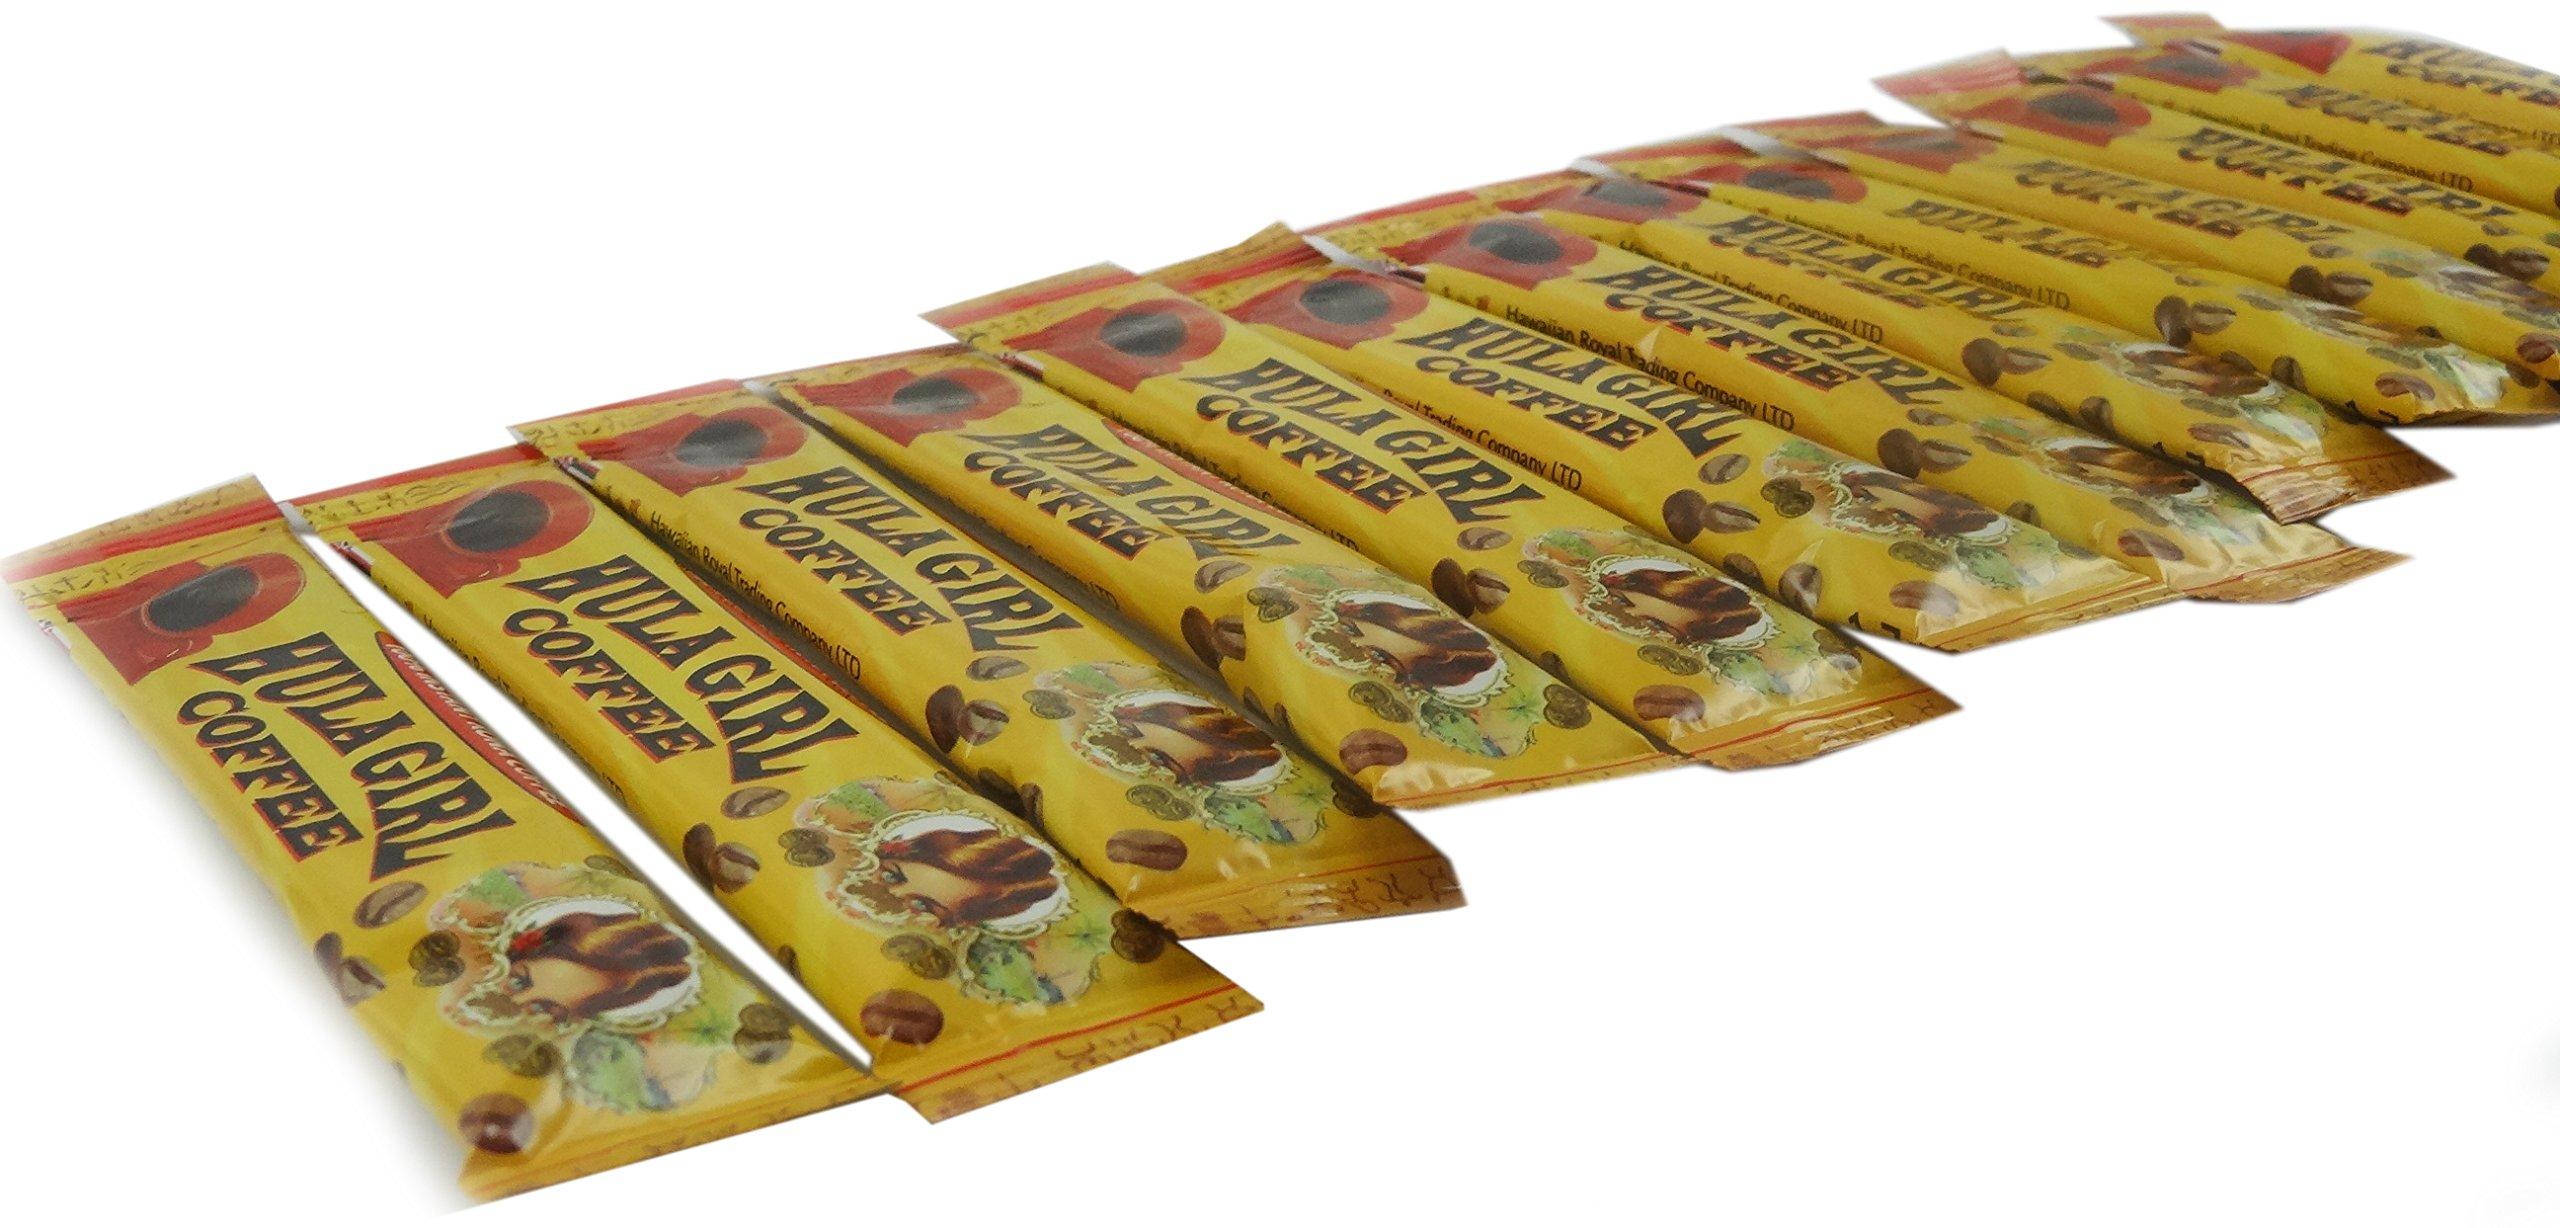 Box of 25 - 100% Hula Girl Instant Kona Coffee Sachets (total of 25 sachets)